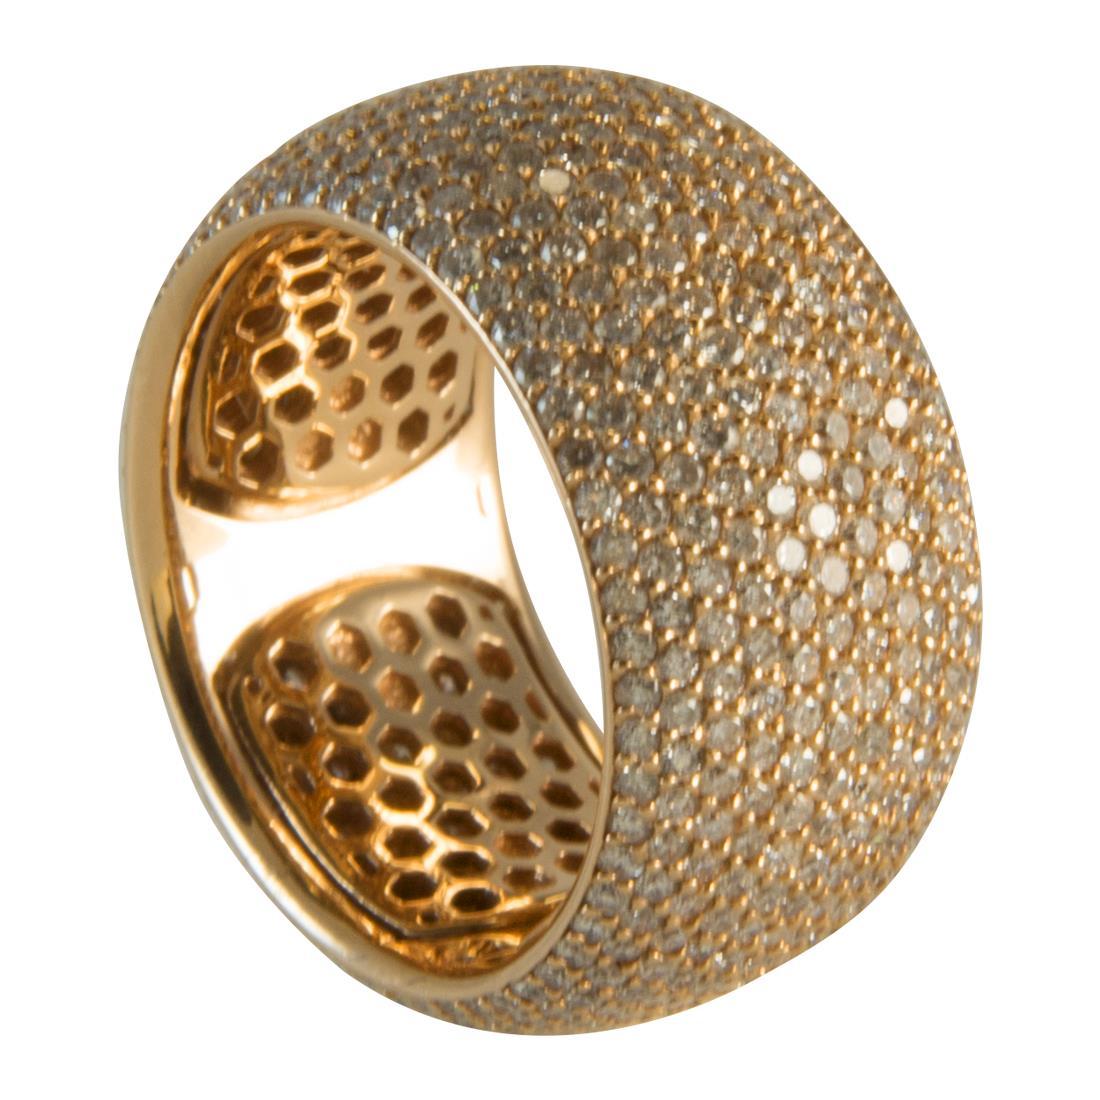 Anello  in oro 18kt con diamanti ct 4.00 - ALFIERI ST JOHN